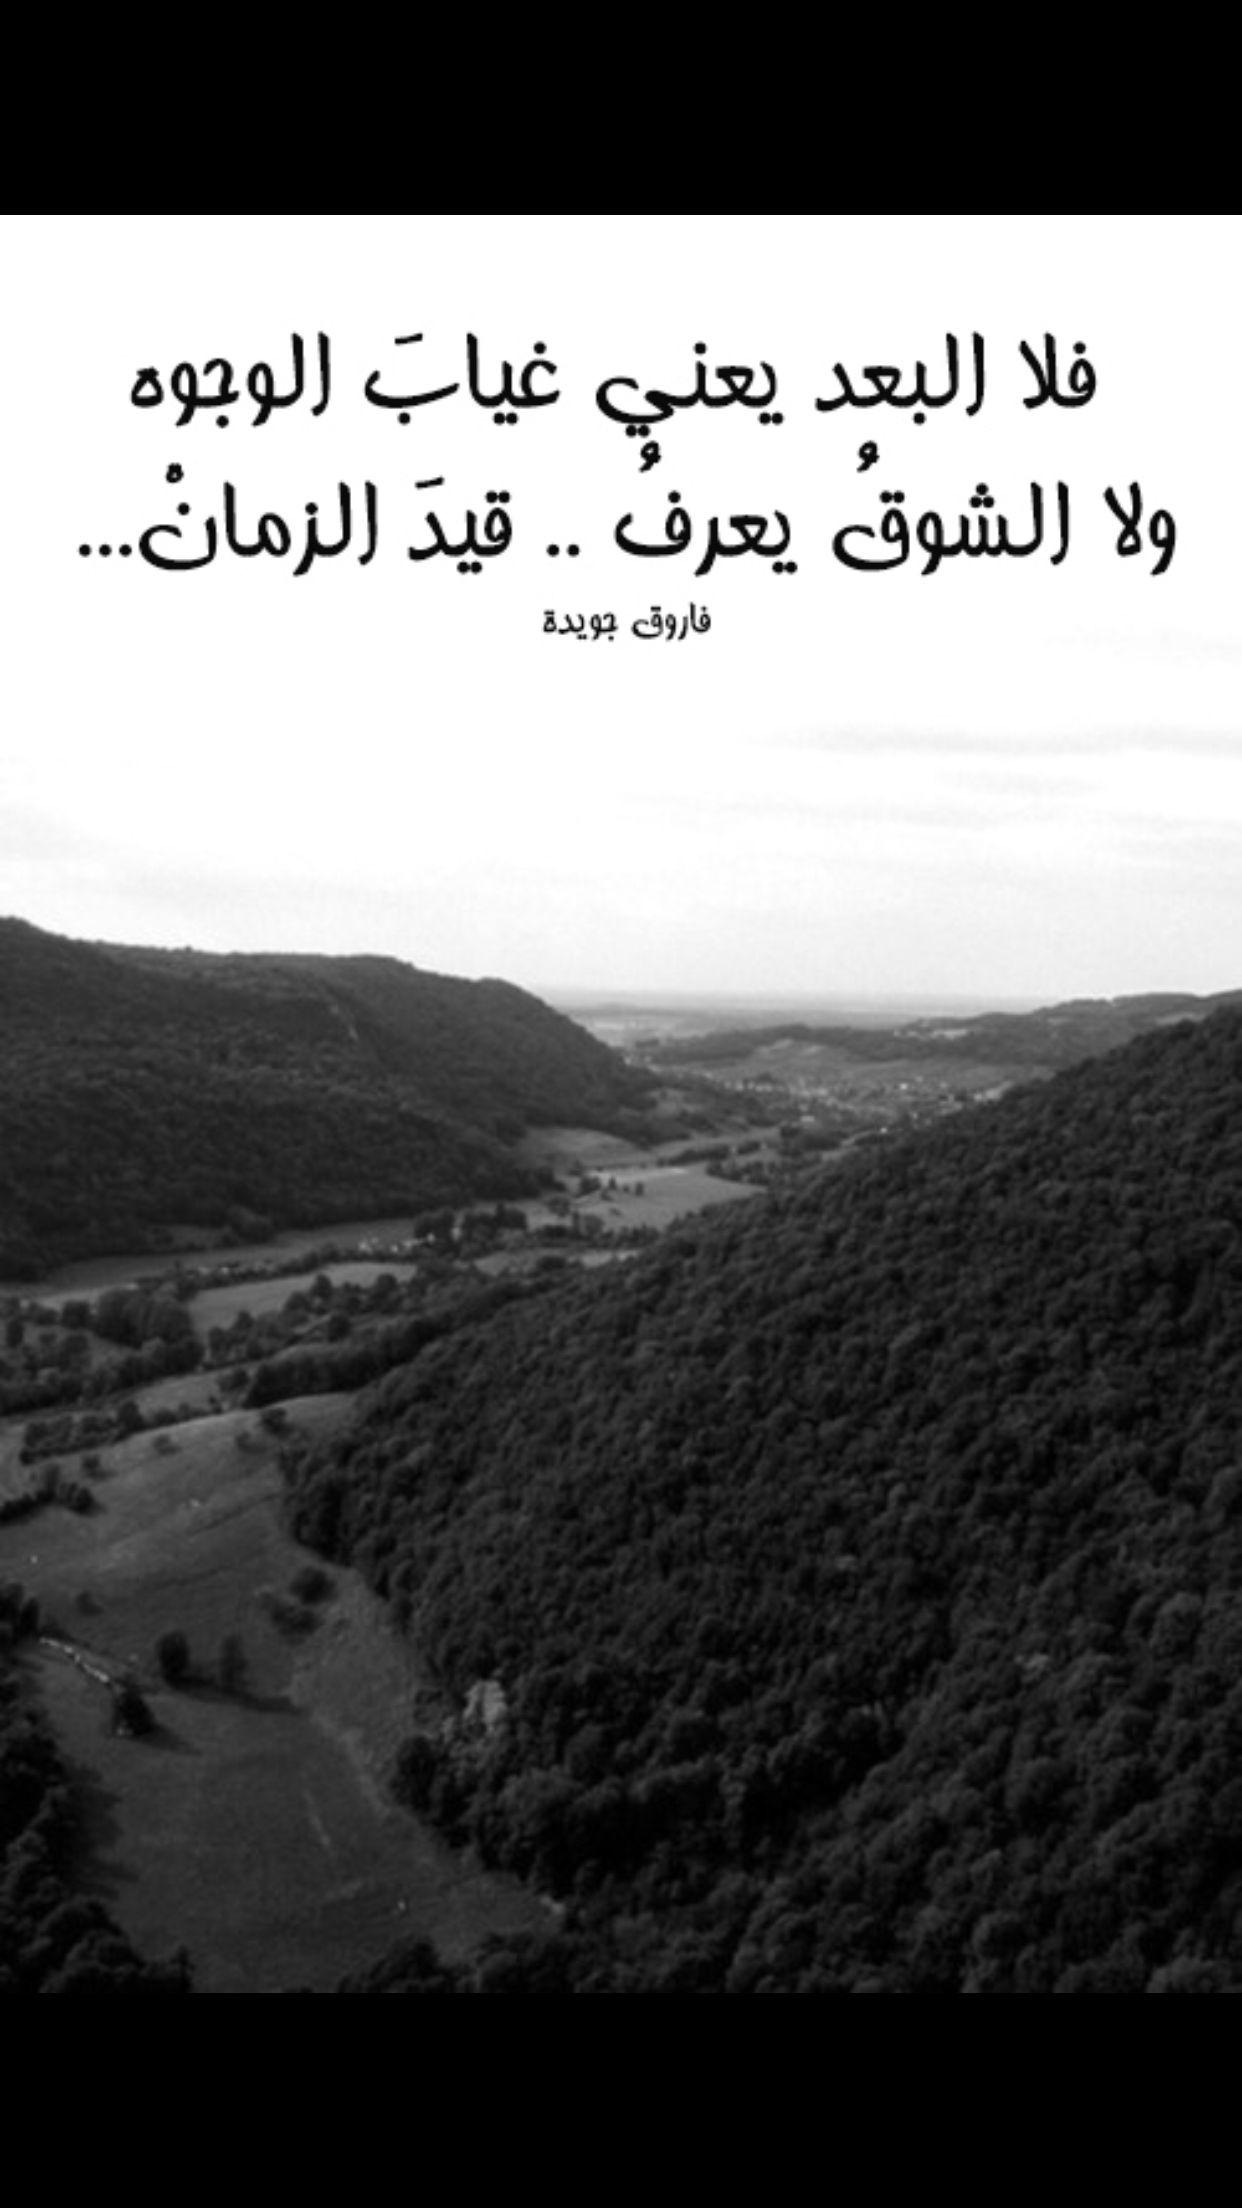 فلا البعد يعني غياب الوجوه ولا الشوق يعرف قيد الزمان فاروق جويده Amazing Quotes Arabic Quotes Quotes